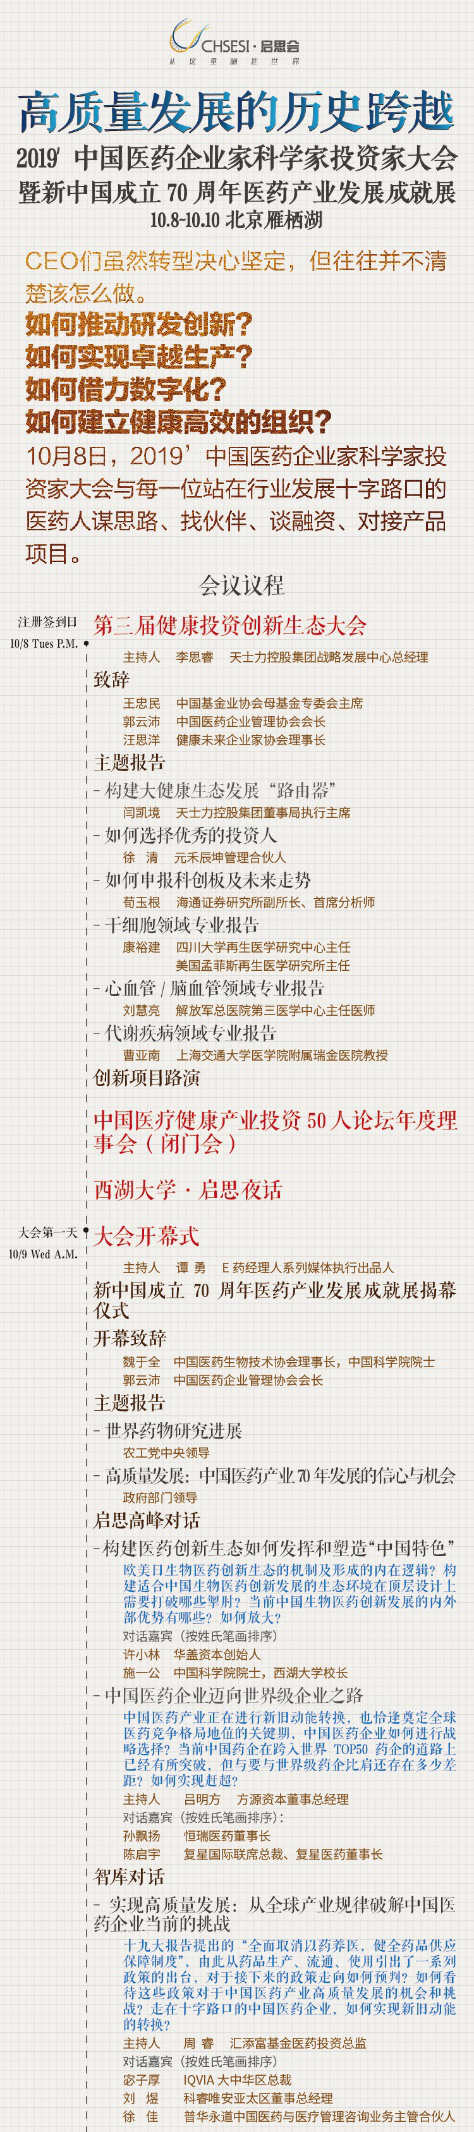 <b>第十一届中国医药企业家科学家投资家大会将于10月举行</b>